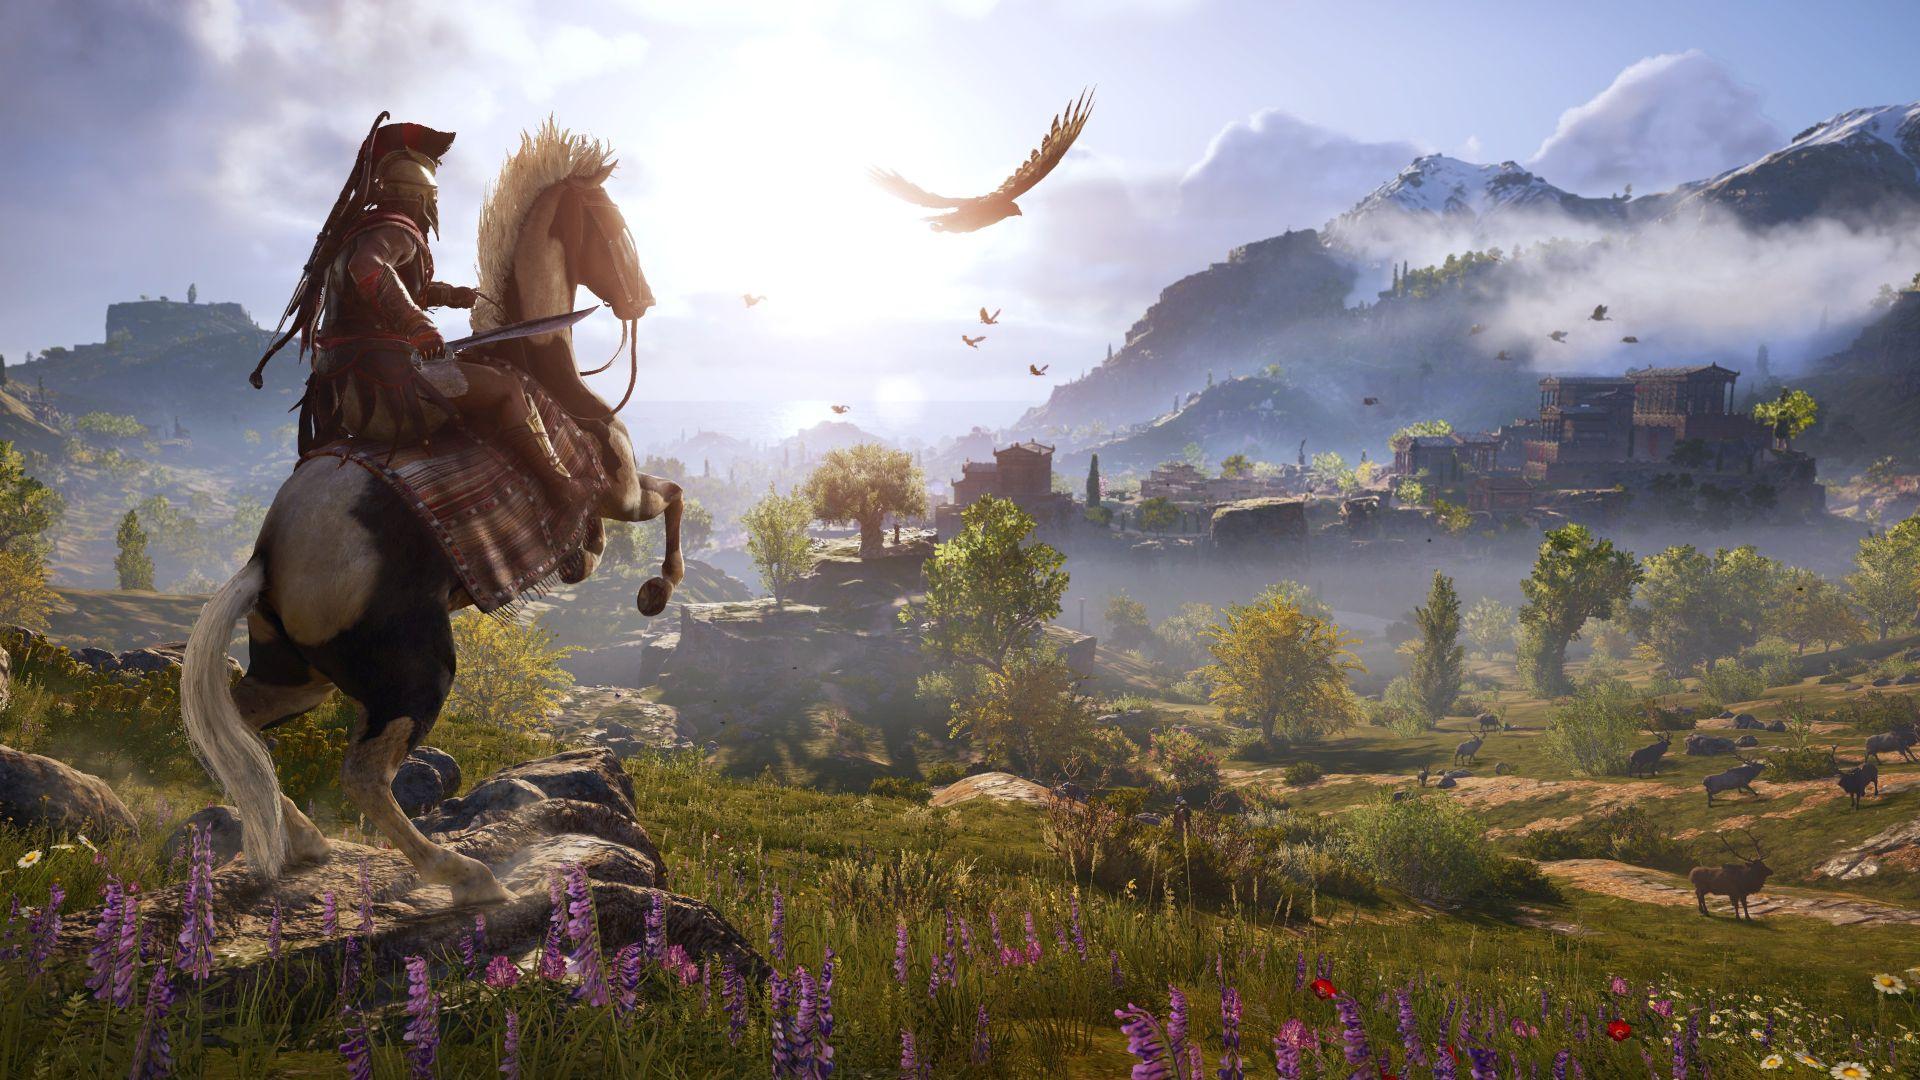 نتیجه تصویری برای Assassin's Creed: Odyssey 1920x1080